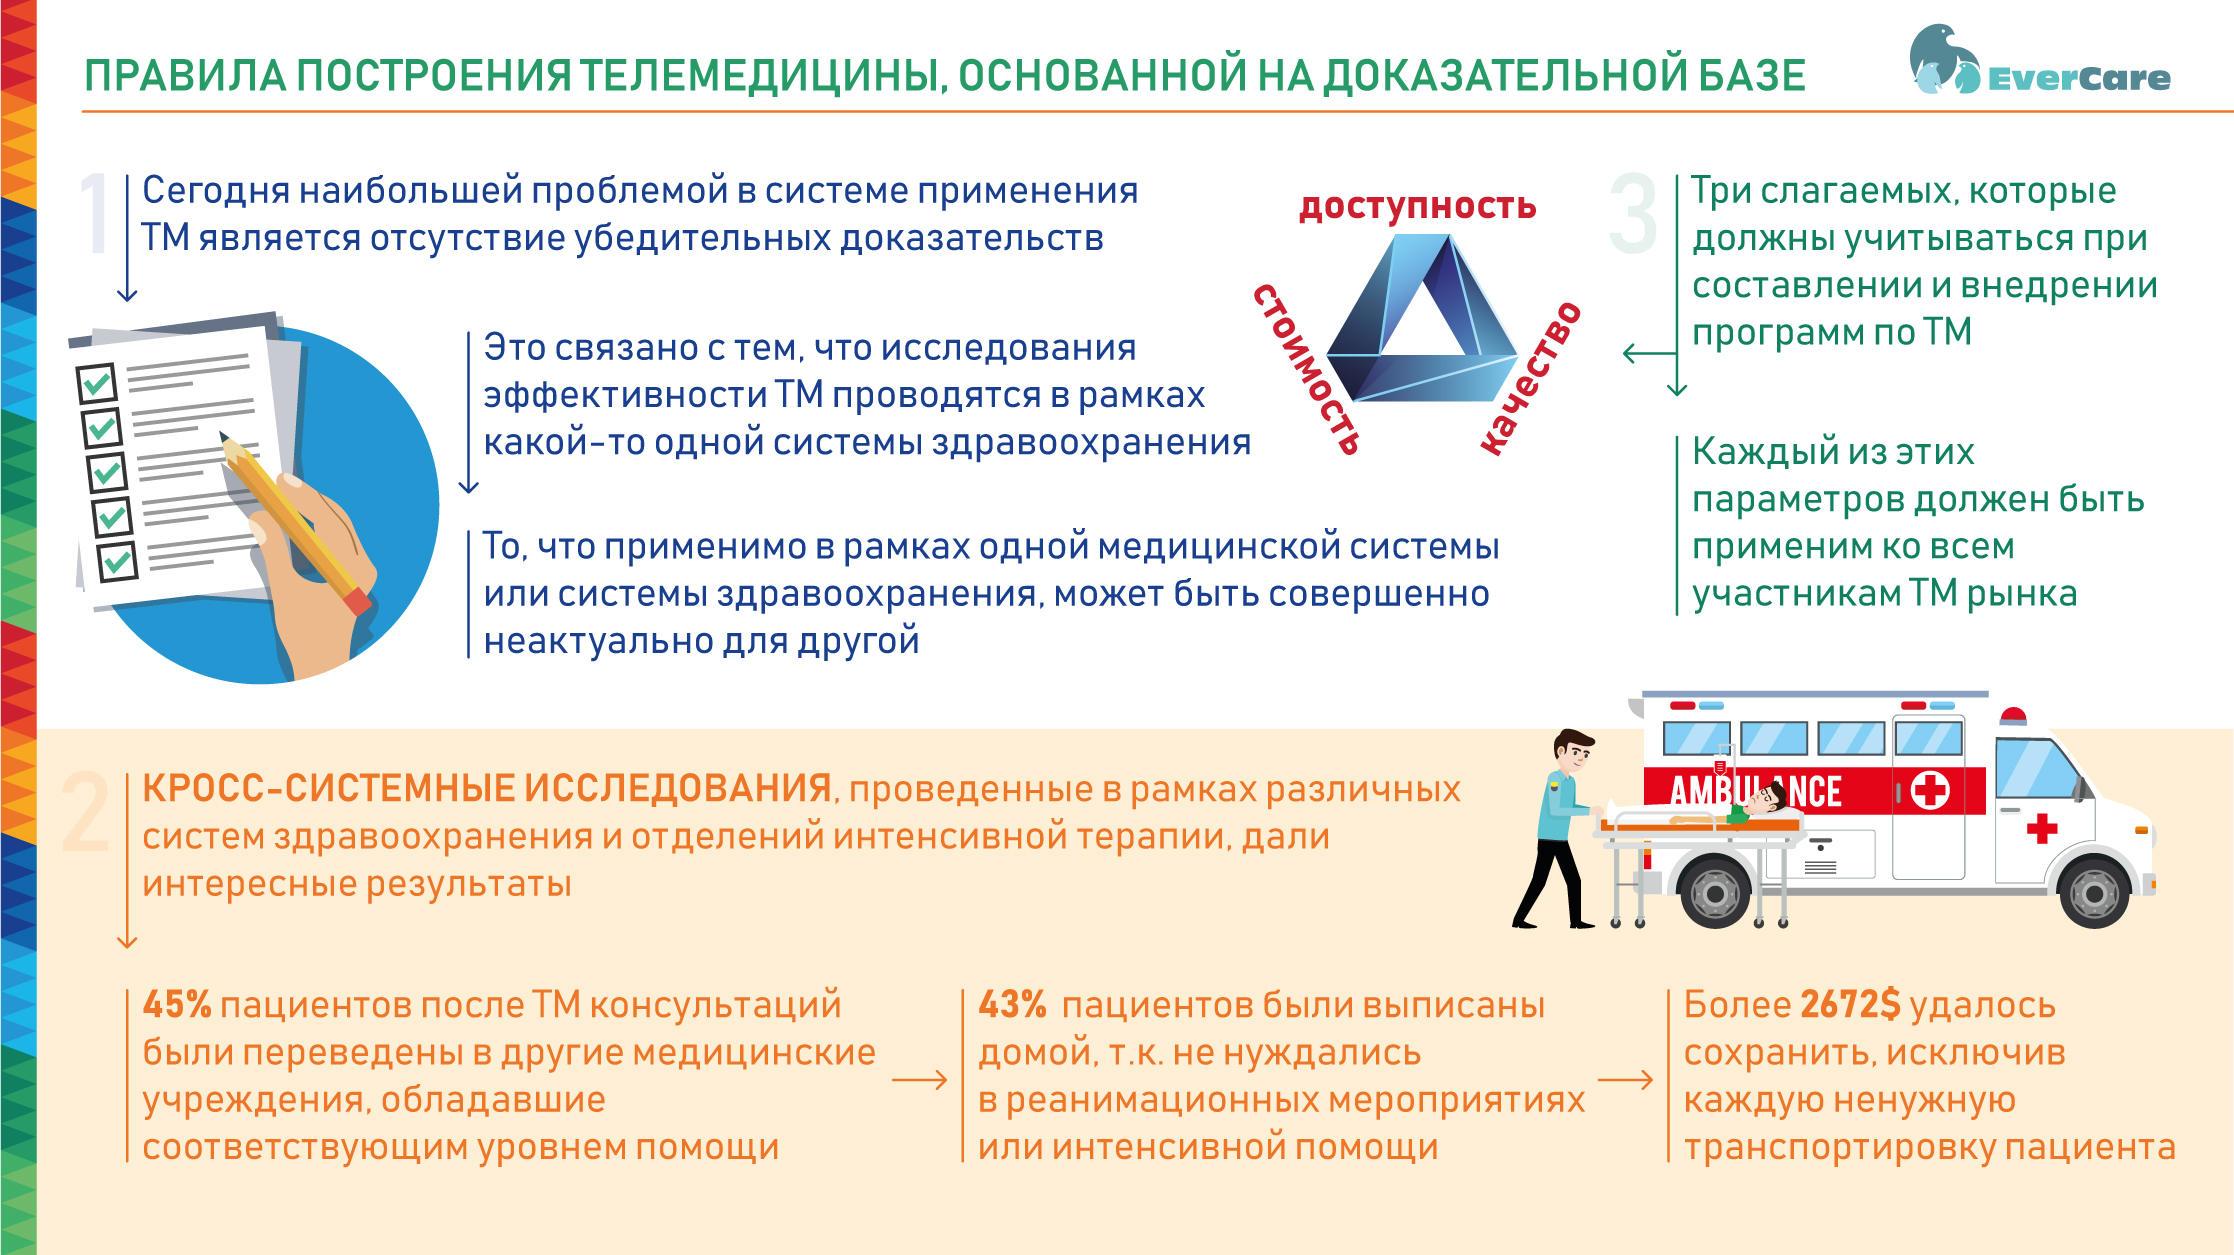 Правила построения телемедицины, основанной на доказательной базе, Инфографика